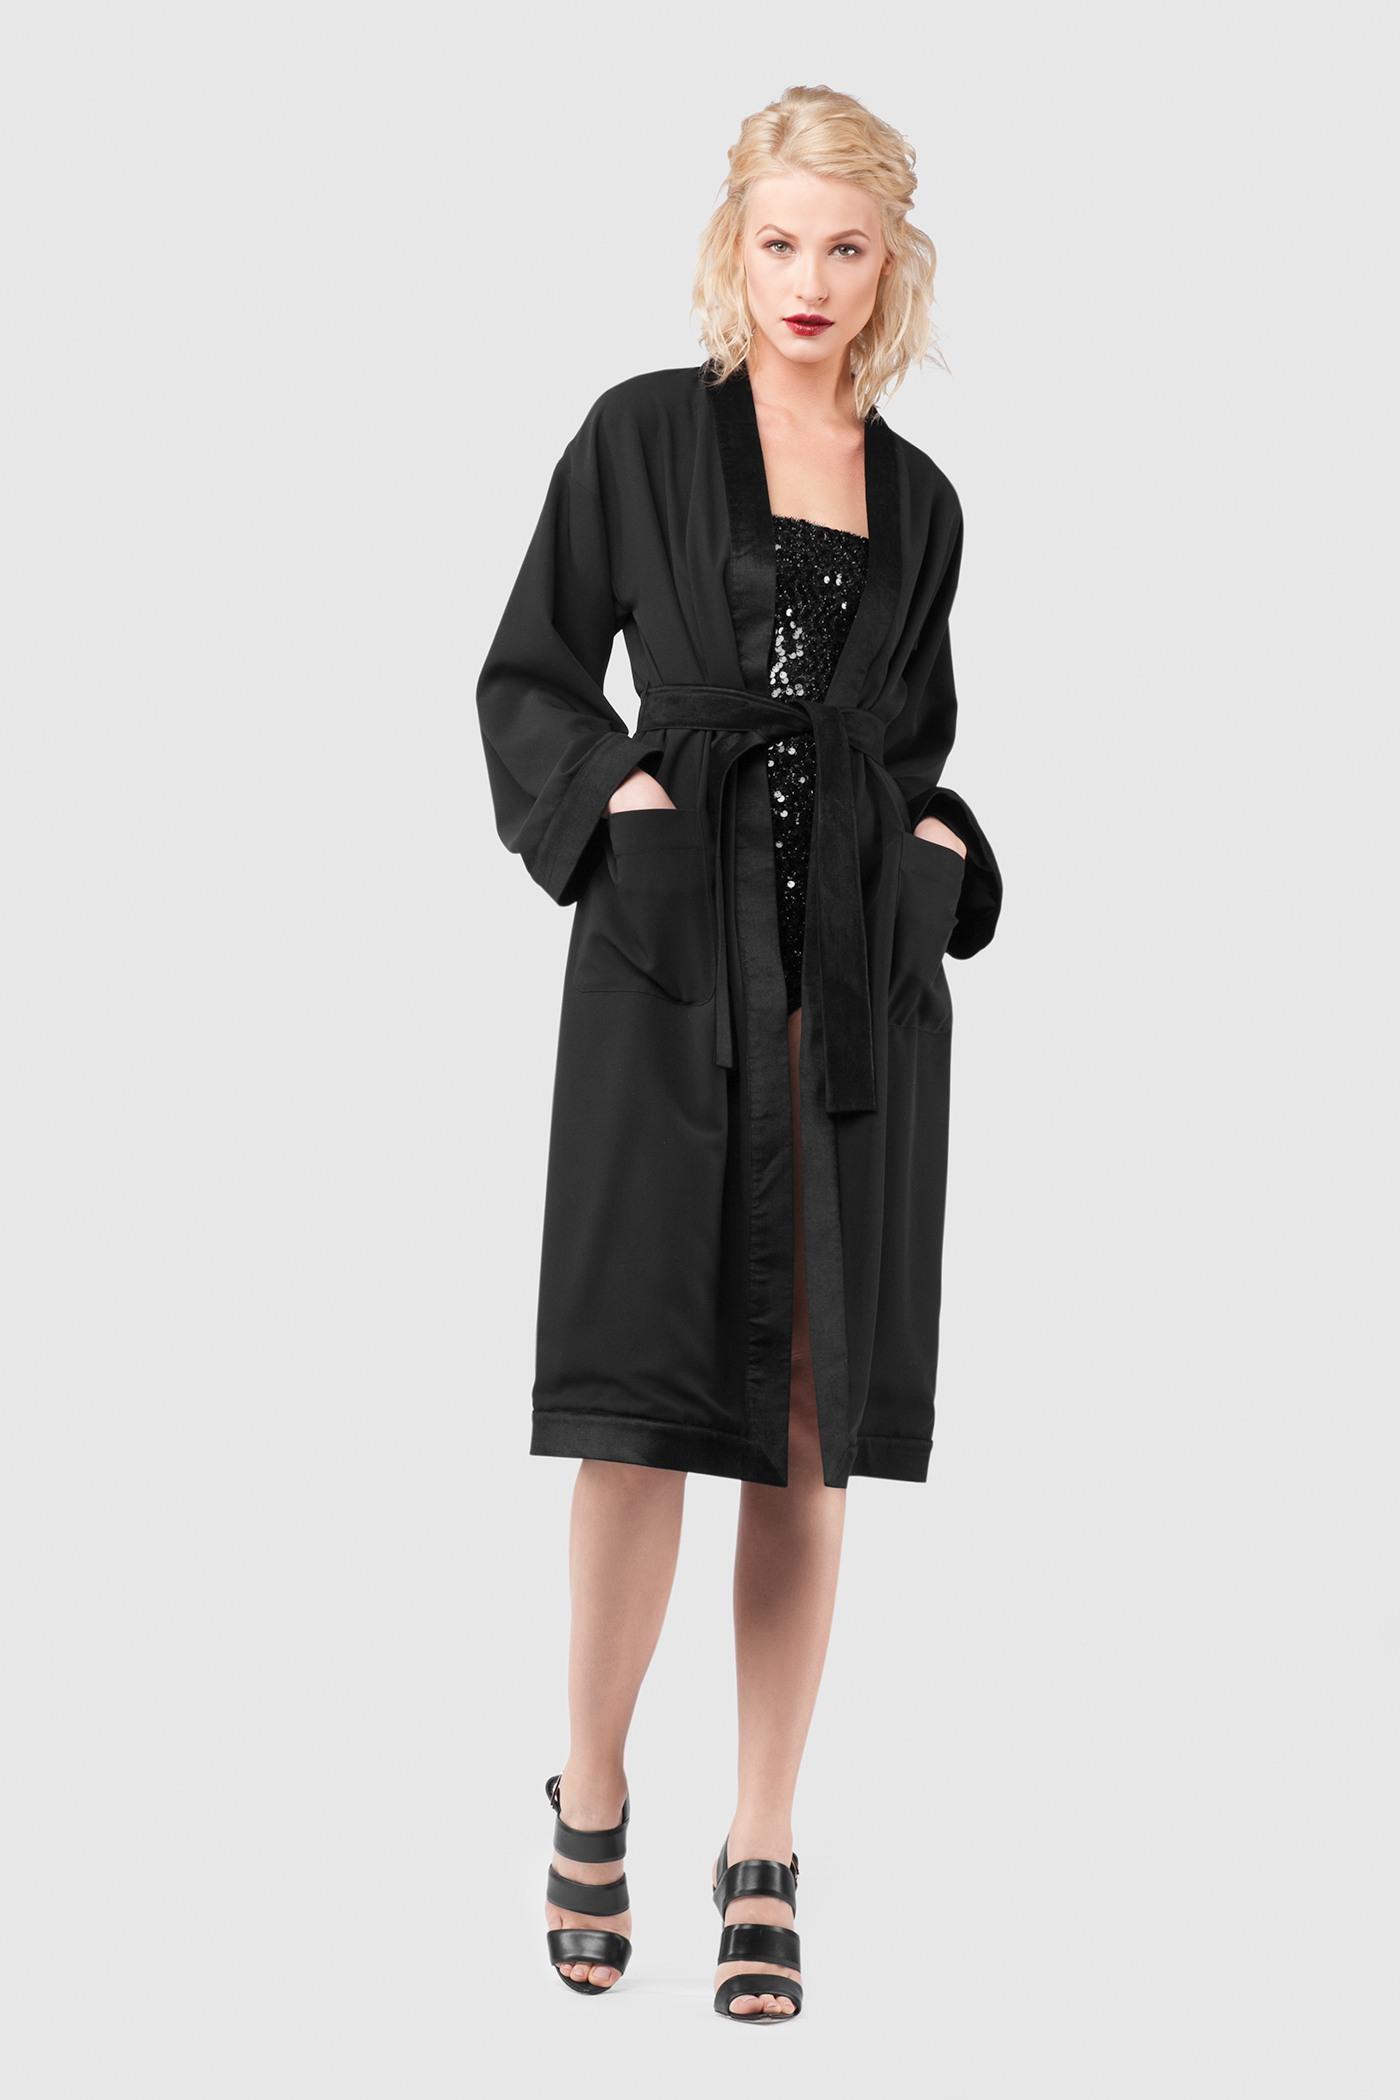 КомплектКомплект включает в себя боди и халат:&#13;<br>&#13;<br>Удлинённый халат из плотной костюмной ткани со вставками из бархата &#13;<br>&#13;<br>&#13;<br>бархатные вставки по краю борта, манжетам, поясу&#13;<br>&#13;<br>вместительные карманы в боковых швах&#13;<br>&#13;<br>съёмный пояс из бархата&#13;<br>&#13;<br>заниженная линия плеч&#13;<br>&#13;<br>длина по спинке при росте 164-170 — 116 см&#13;<br>&#13;<br>&#13;<br>Элегантное боди с пайетками&#13;<br>&#13;<br>&#13;<br>прилегающий силуэт&#13;<br>&#13;<br>в комплекте съёмные регулируемые брeтели&#13;<br>&#13;<br>застёгивается на потайную молнию сзади&#13;<br>&#13;<br>мягкая подкладка из трикотажа<br><br>Цвет: Черный<br>Размер: XS, S, M